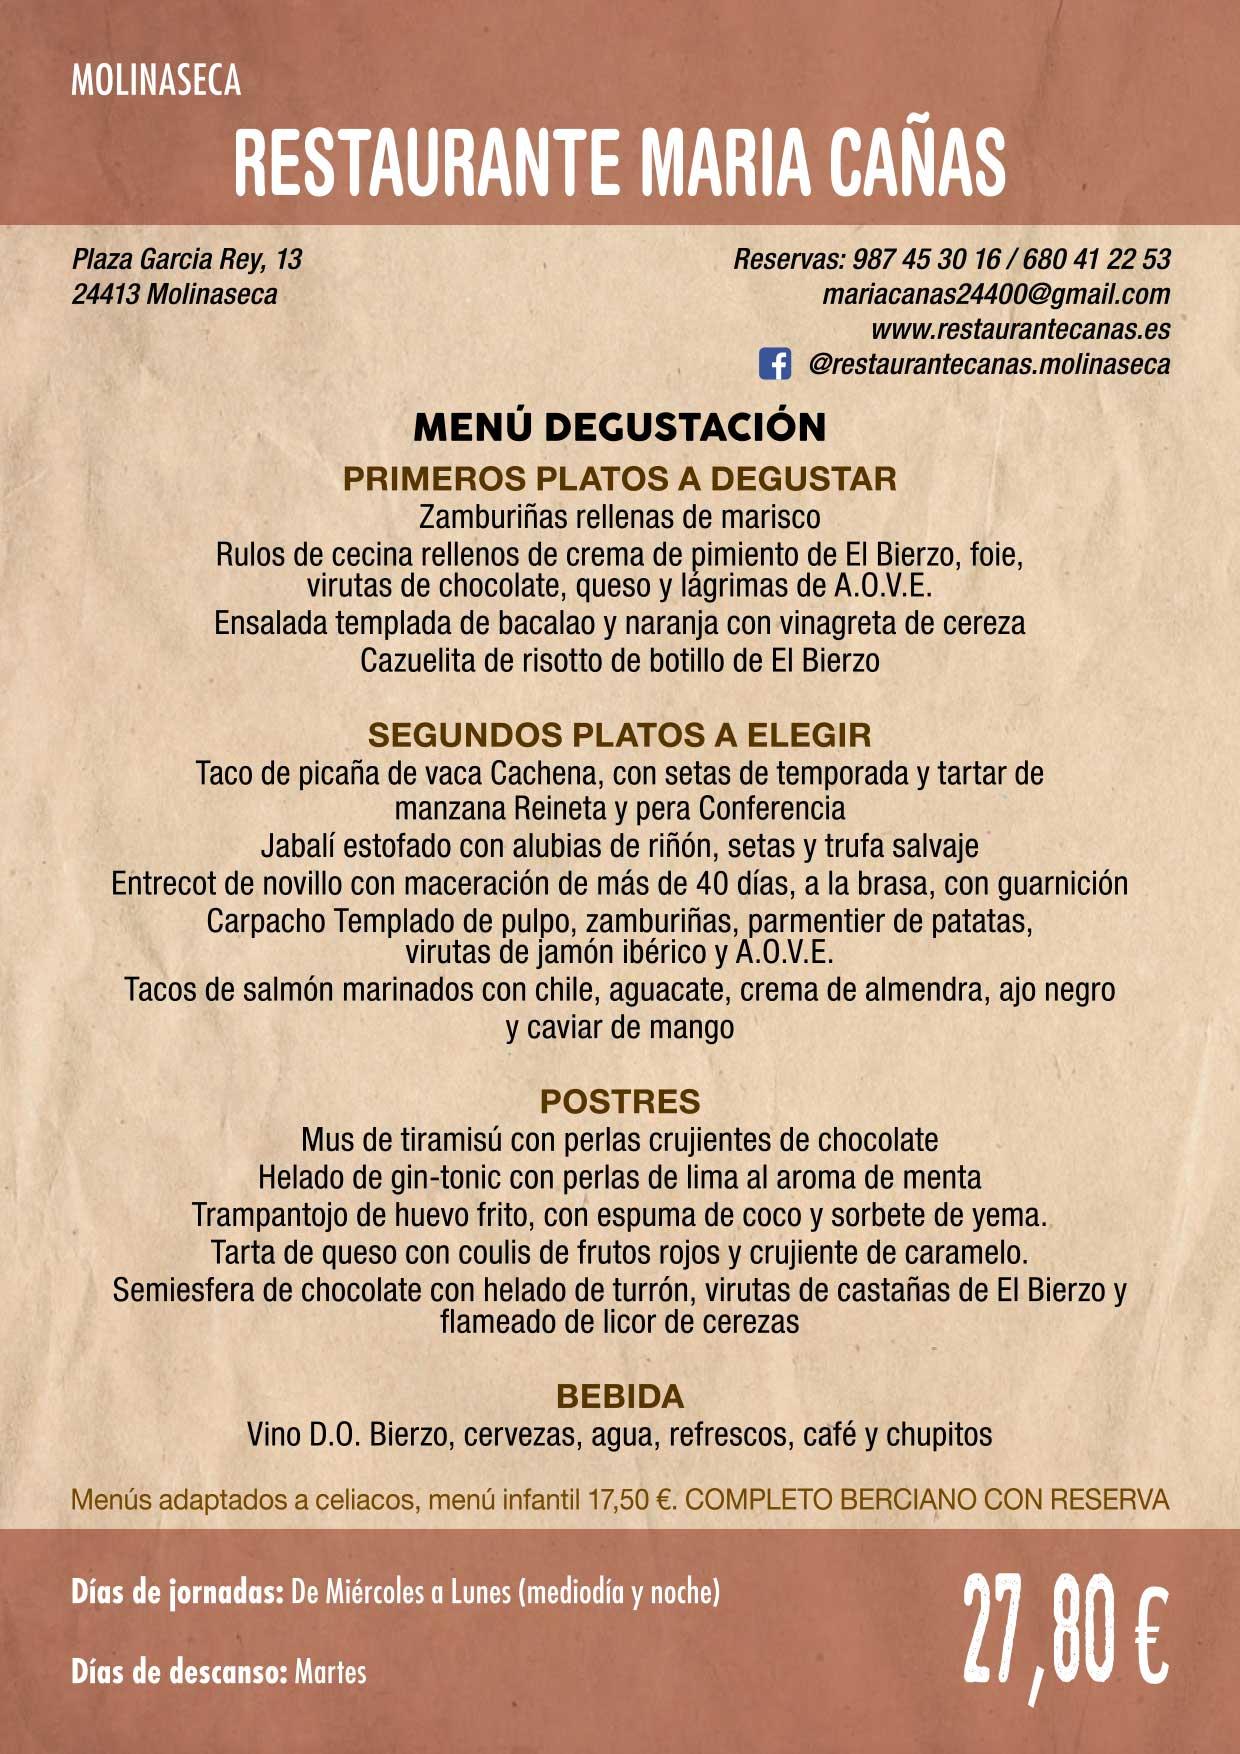 XXXVI Jornadas Gastronómicas De El Bierzo 2020. Consulta los restaurantes y menús 12